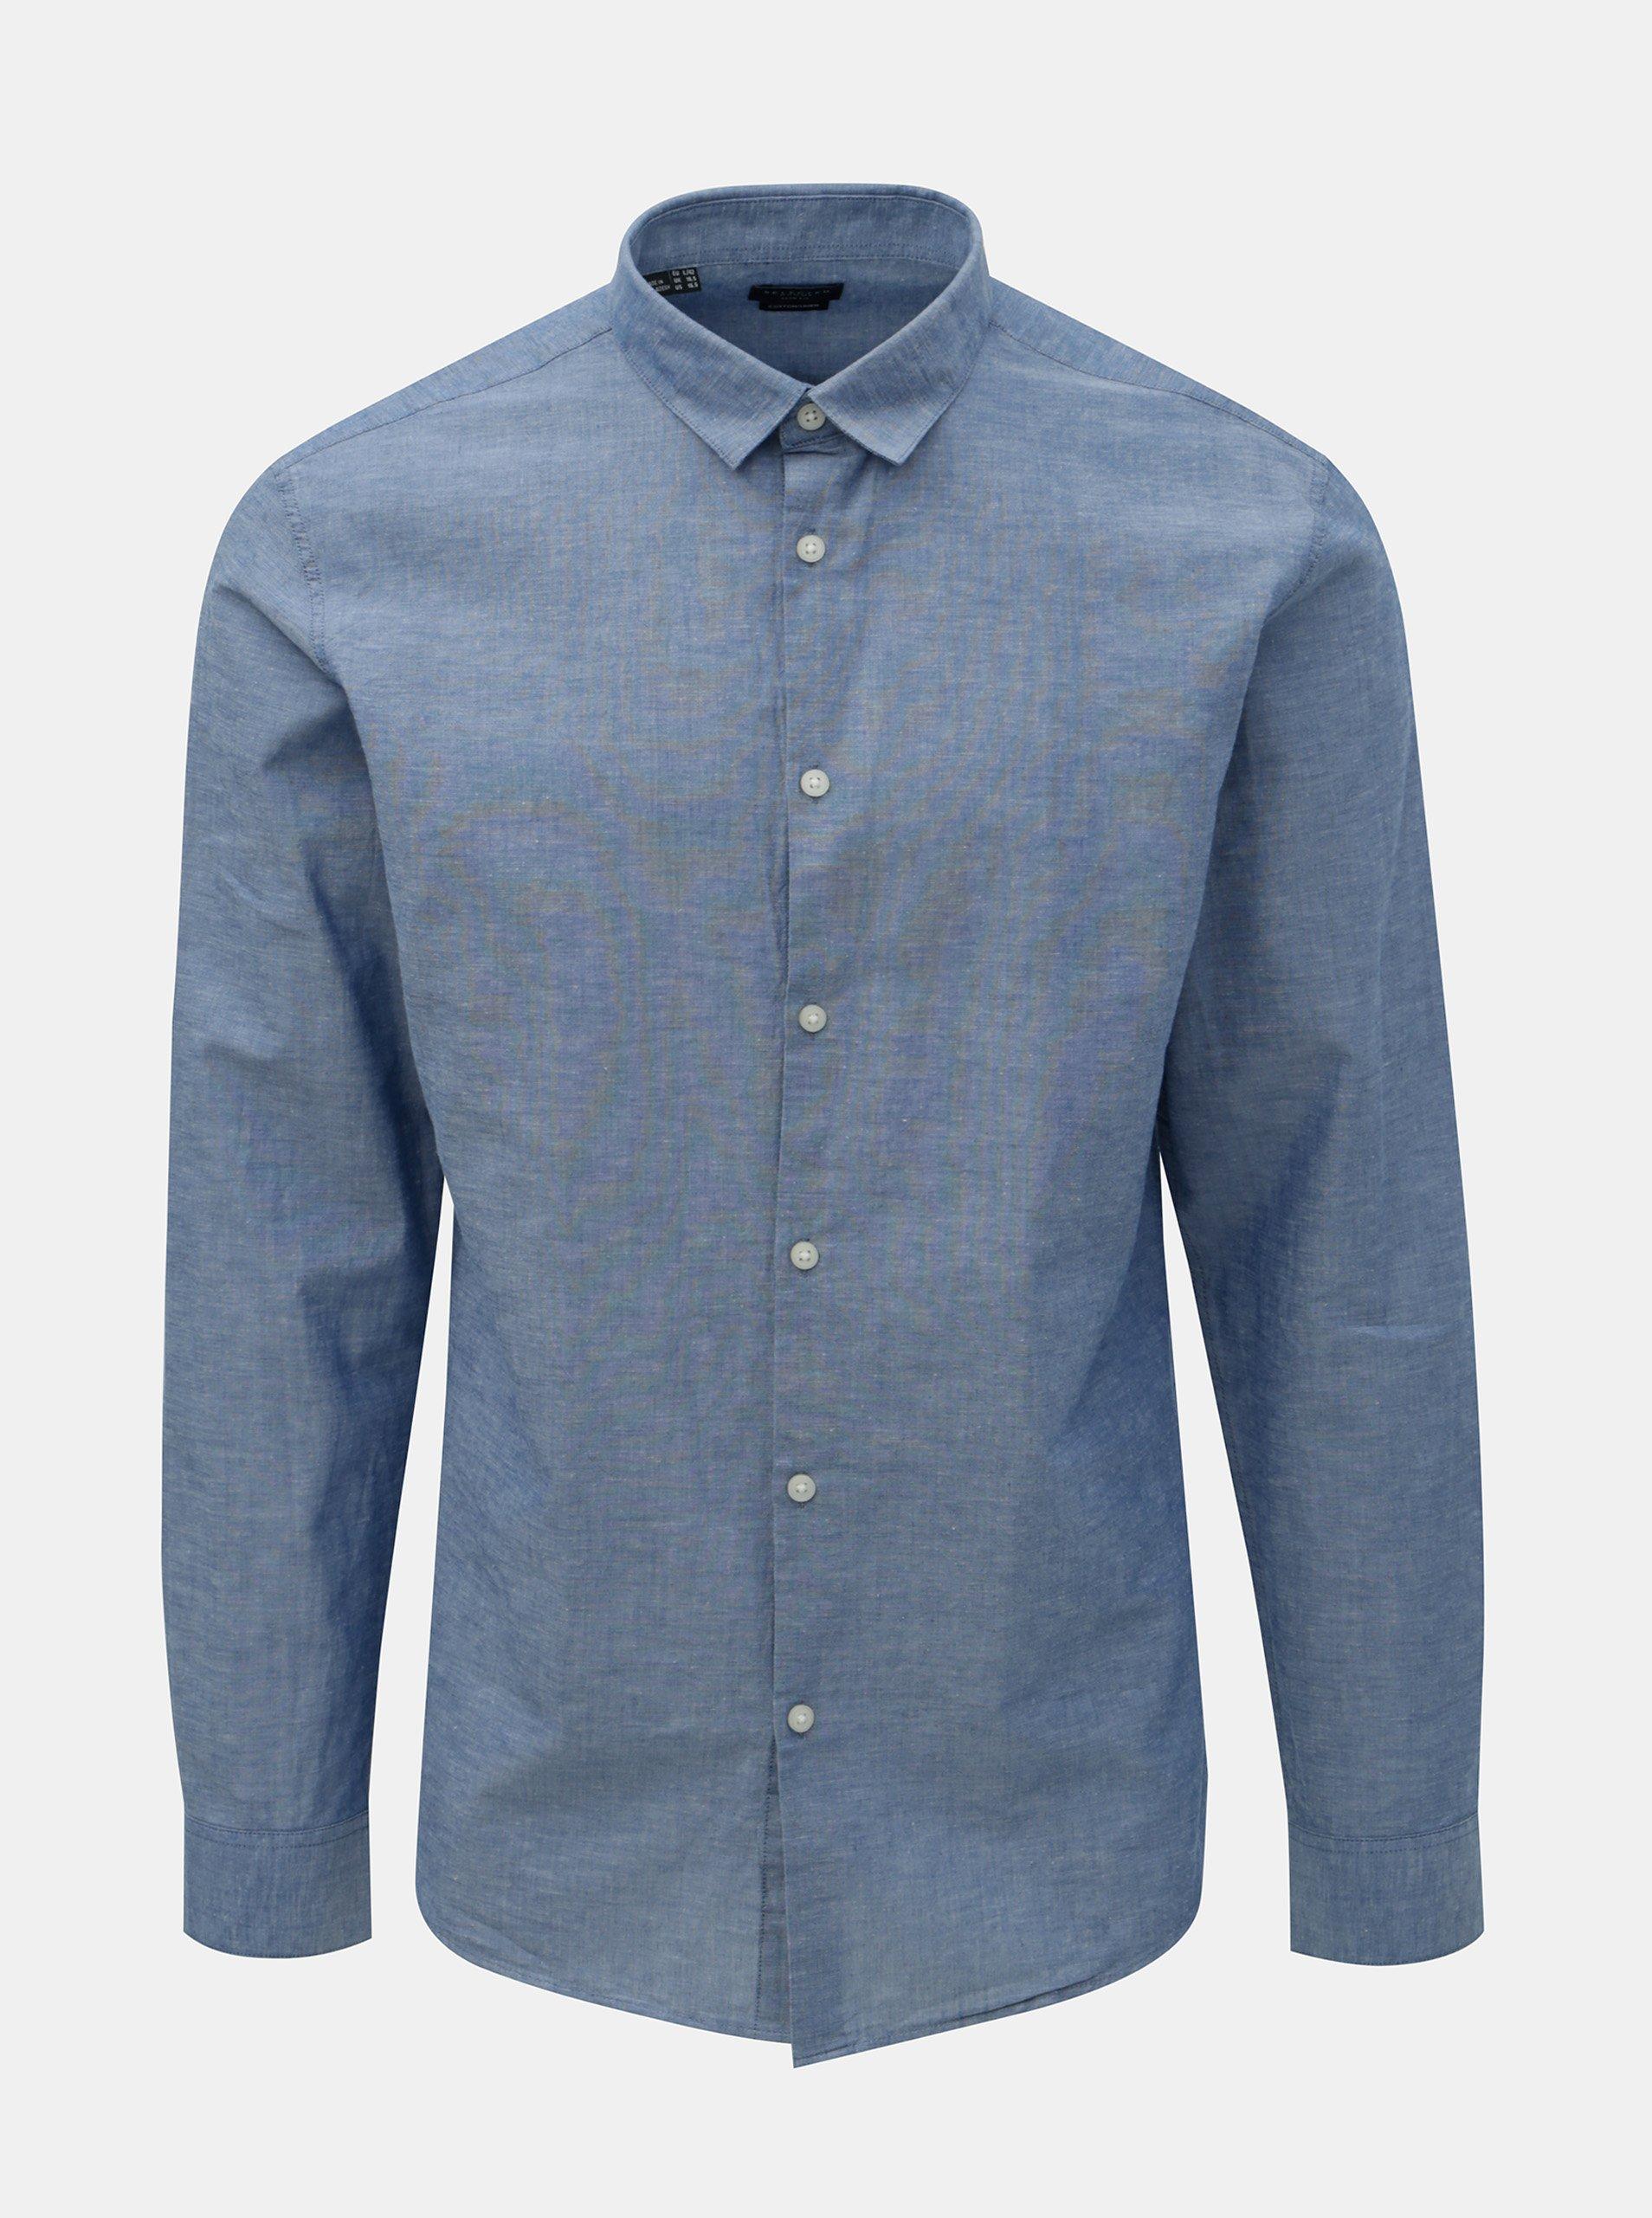 Modrá žíhaná slim fit košile s příměsí lnu Selected Homme Linen Selected Homme